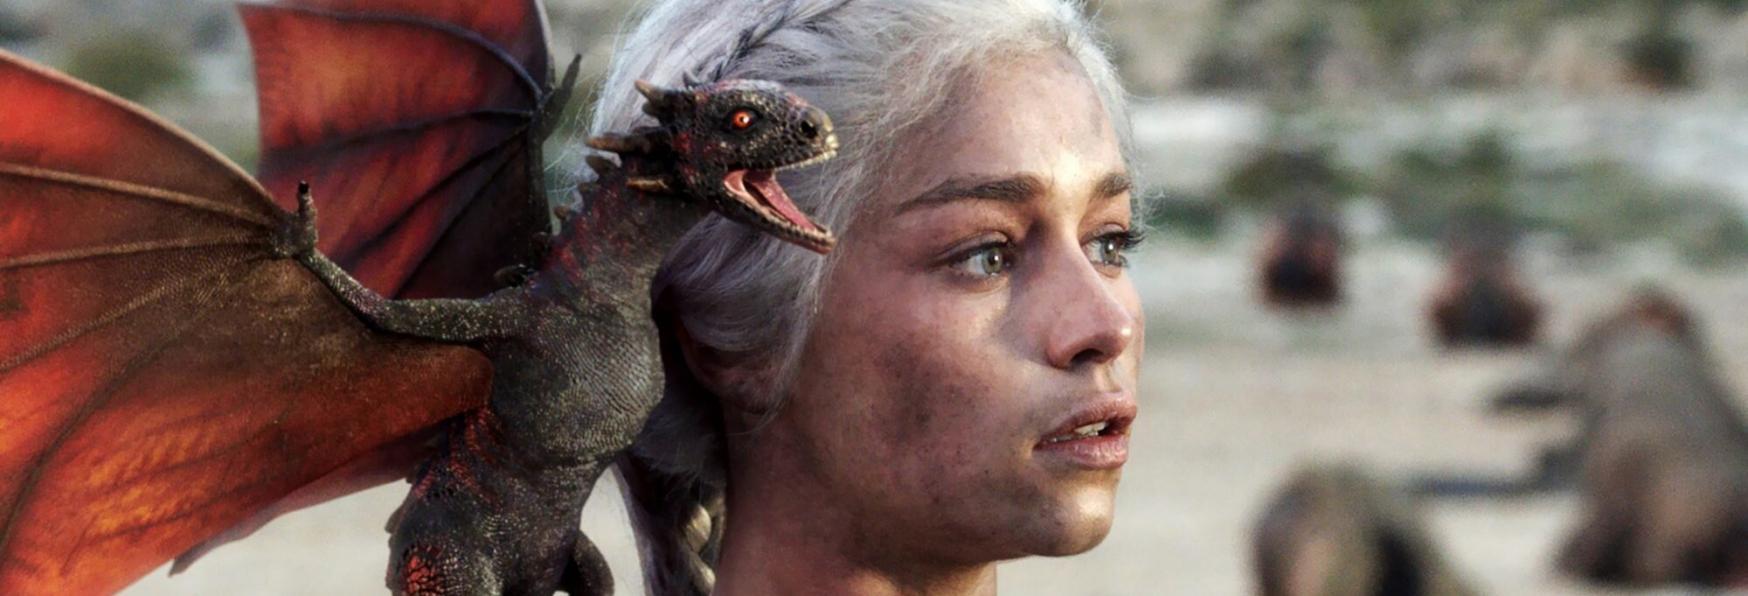 Game of Thrones: in fase di Sviluppo per HBO Max tre nuove Serie Animate